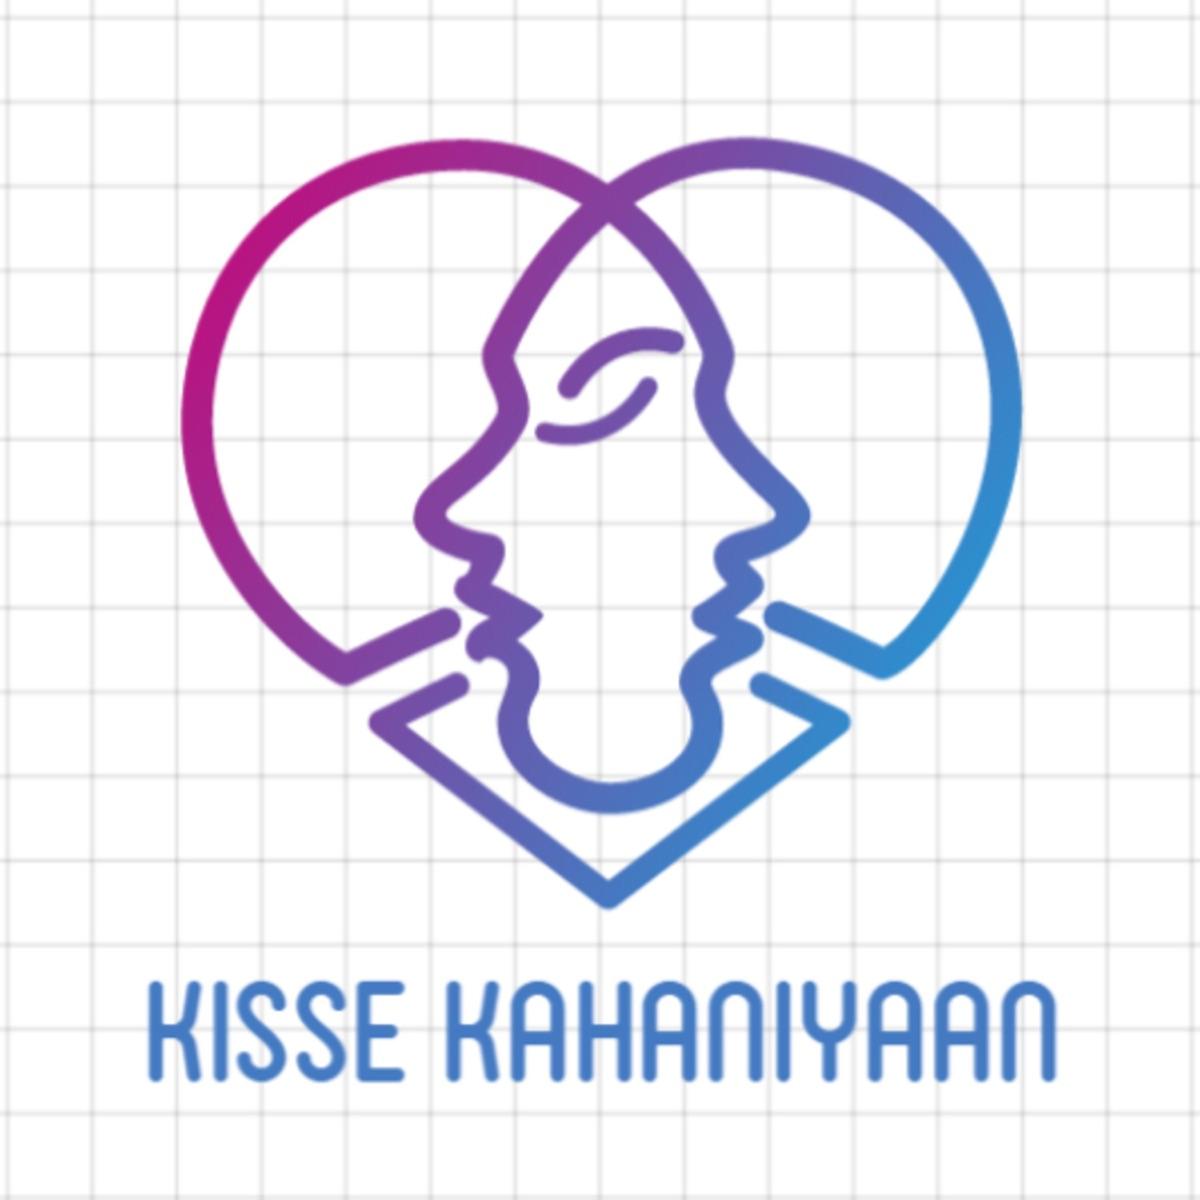 Kisse Kahaniyaan